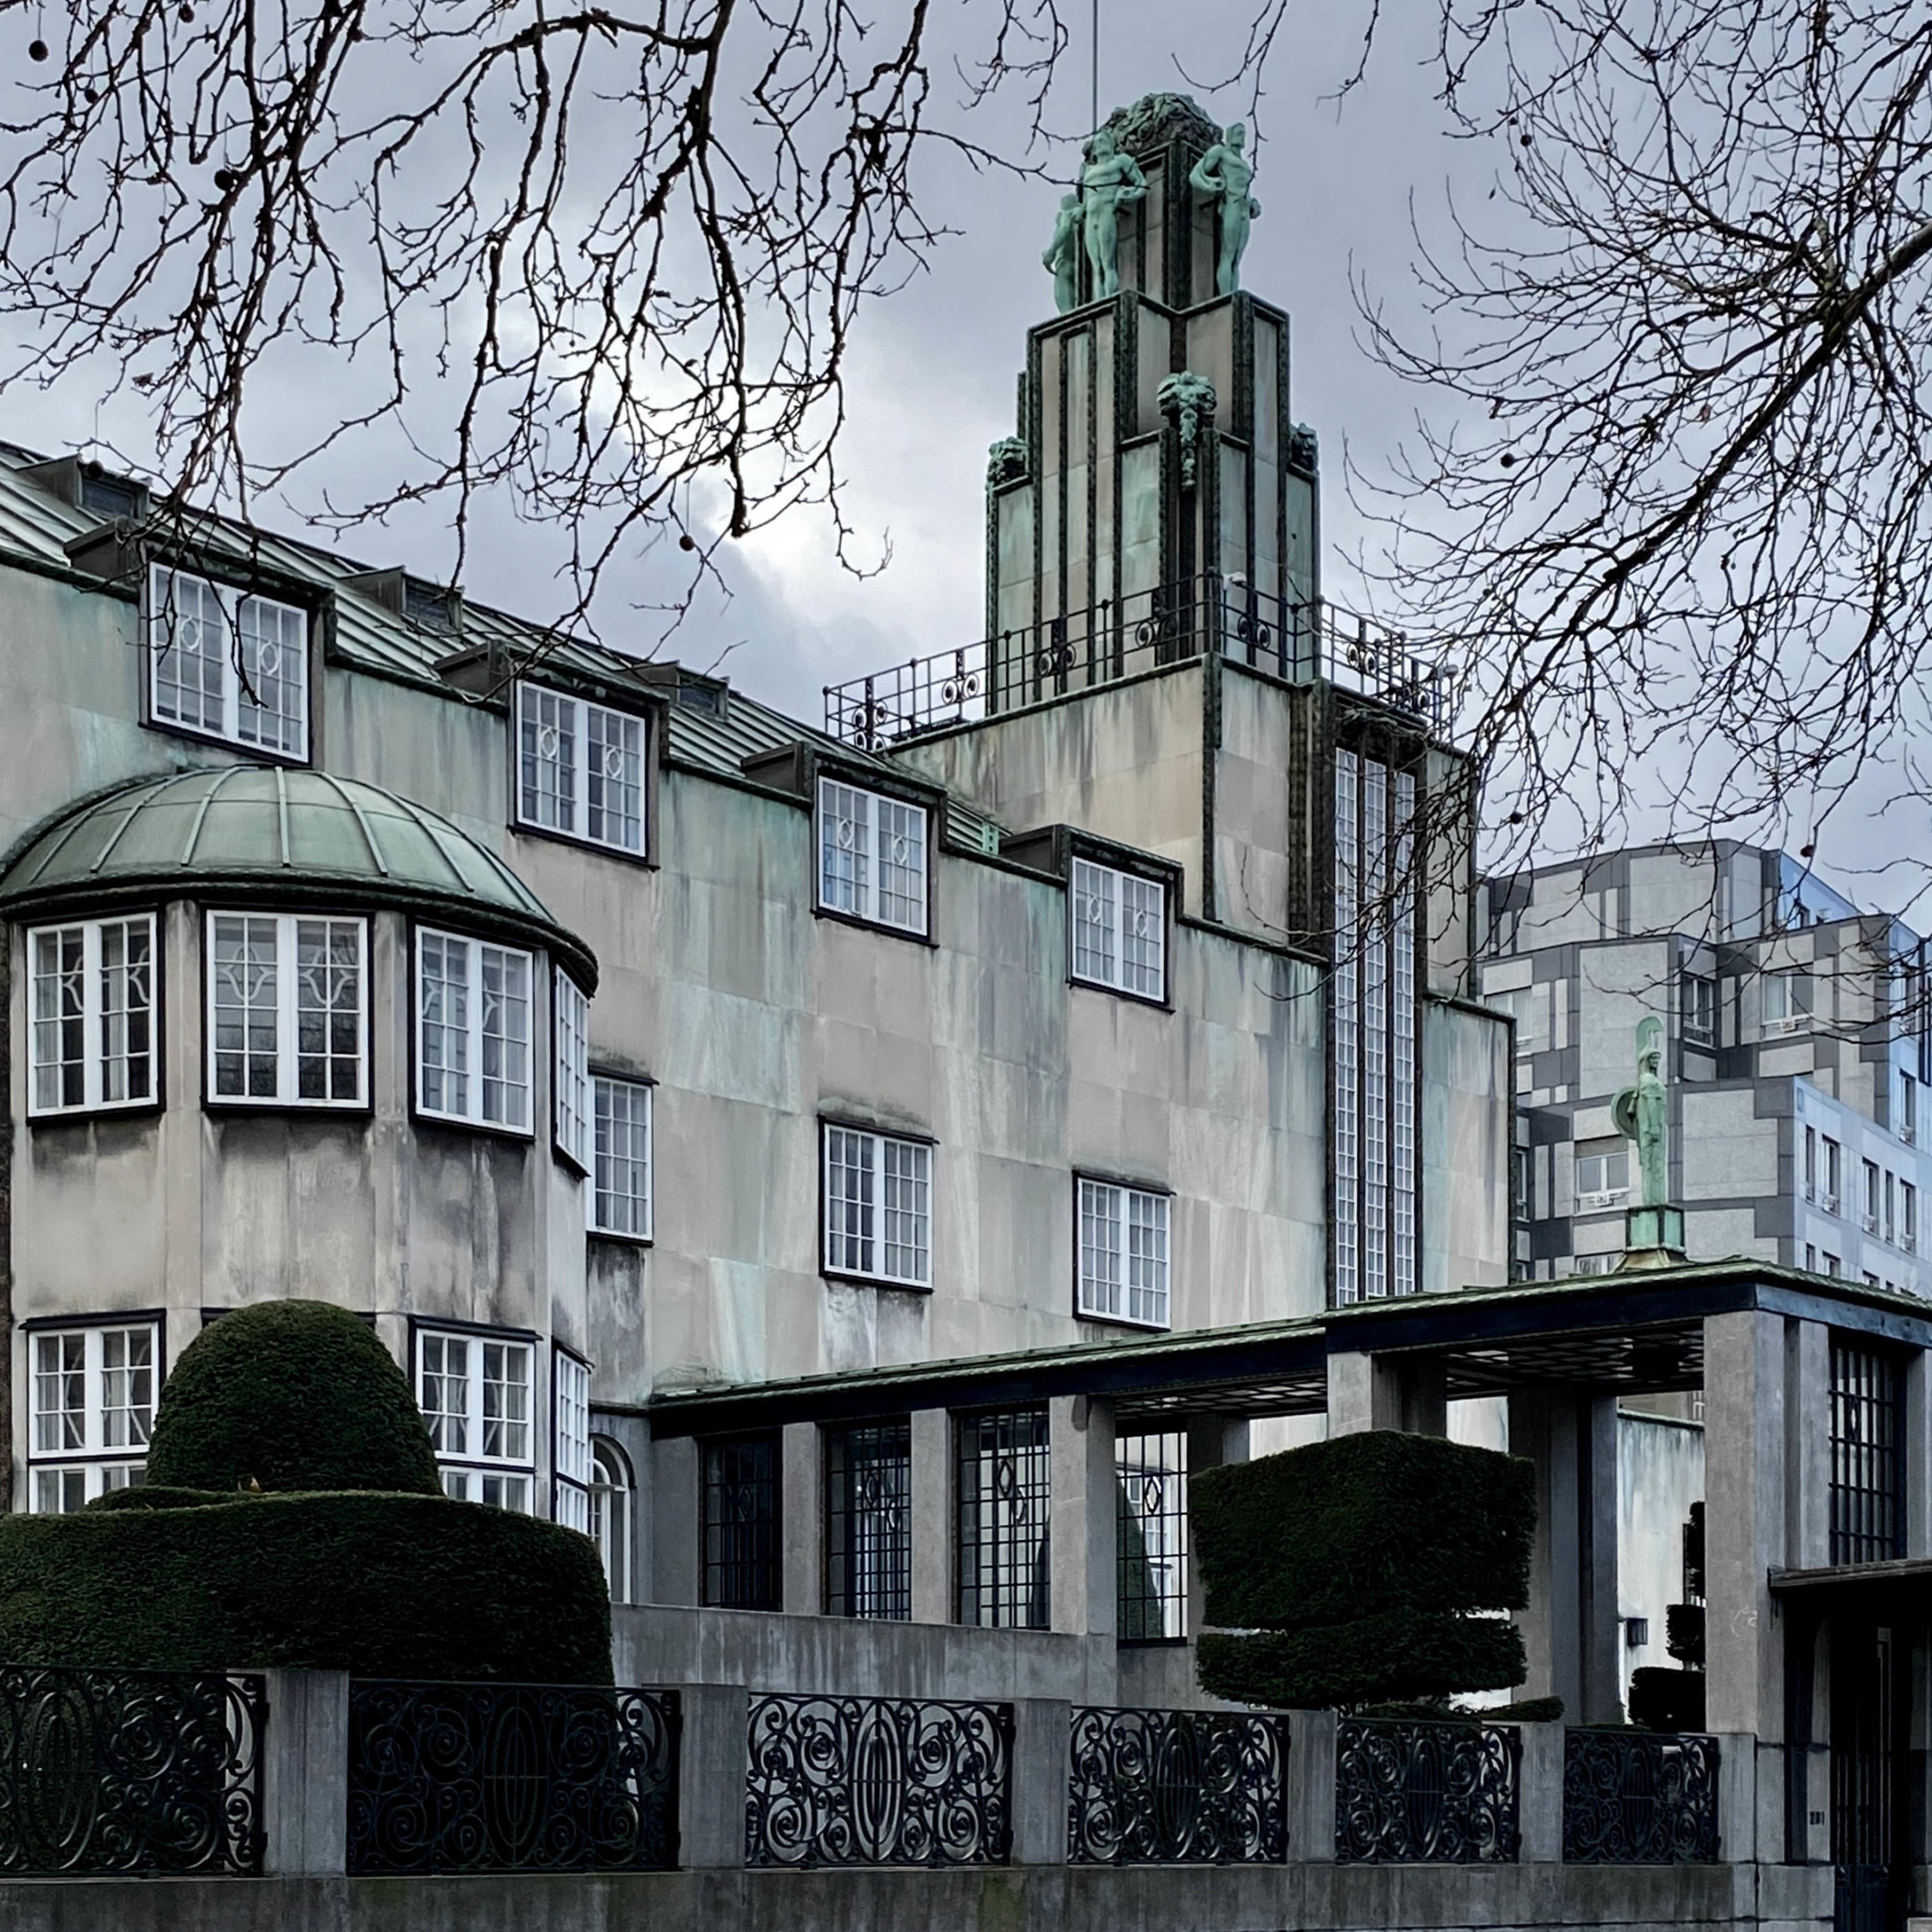 Palais Stoclet, 1905-1911. Architekt: Josef Hoffmann